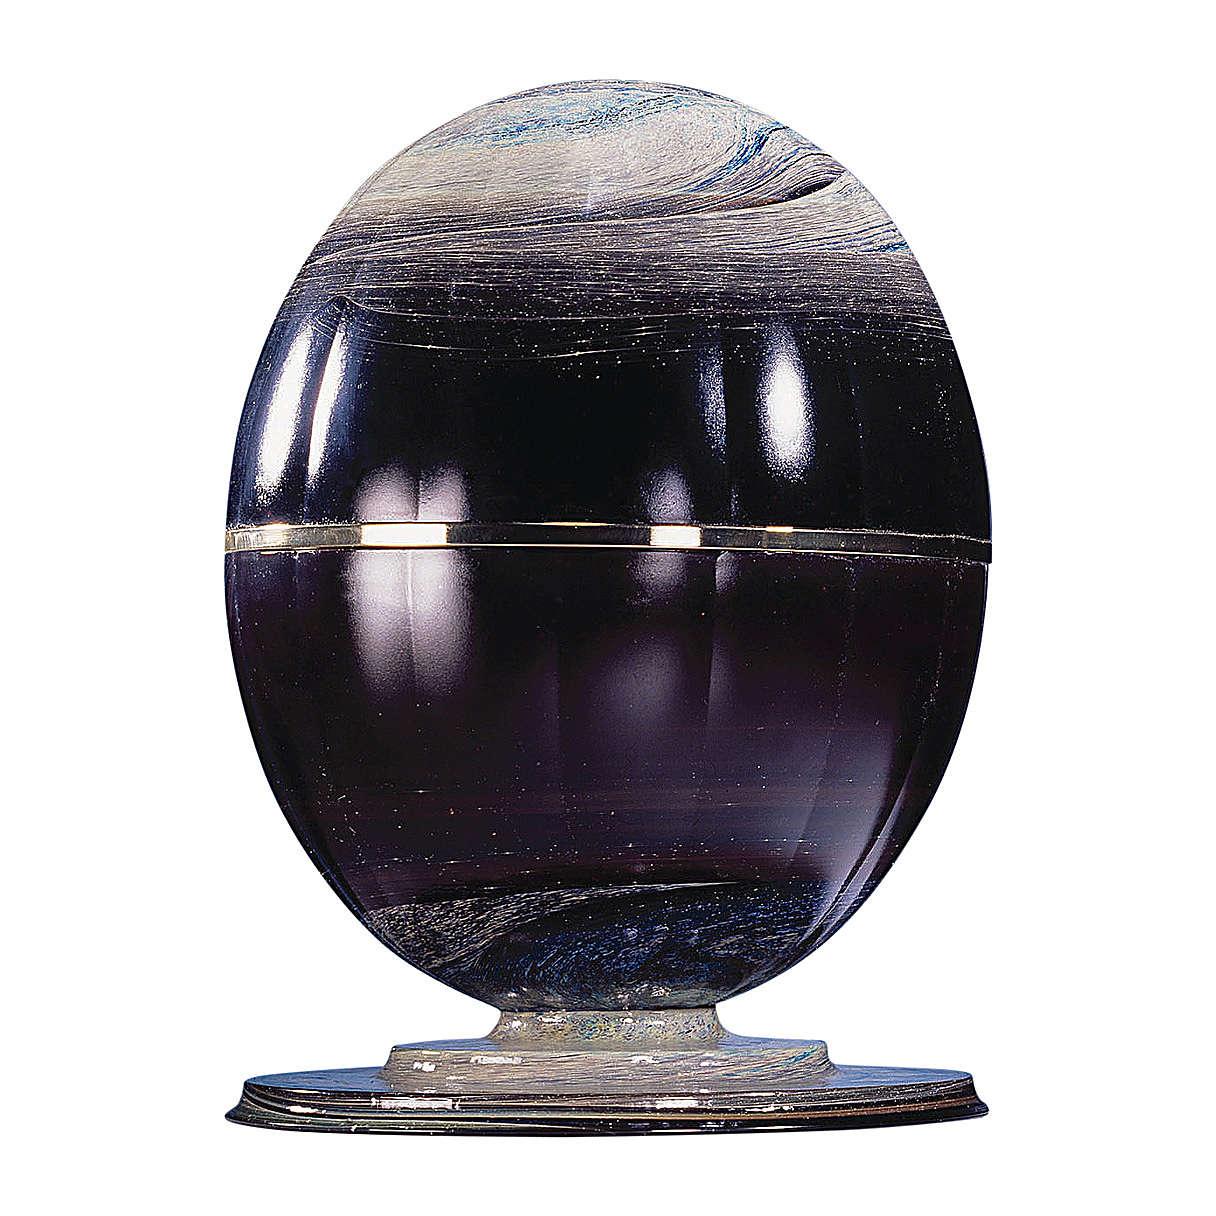 Urna funebre Meteorite vetro di murano e sfera in acciaio 3